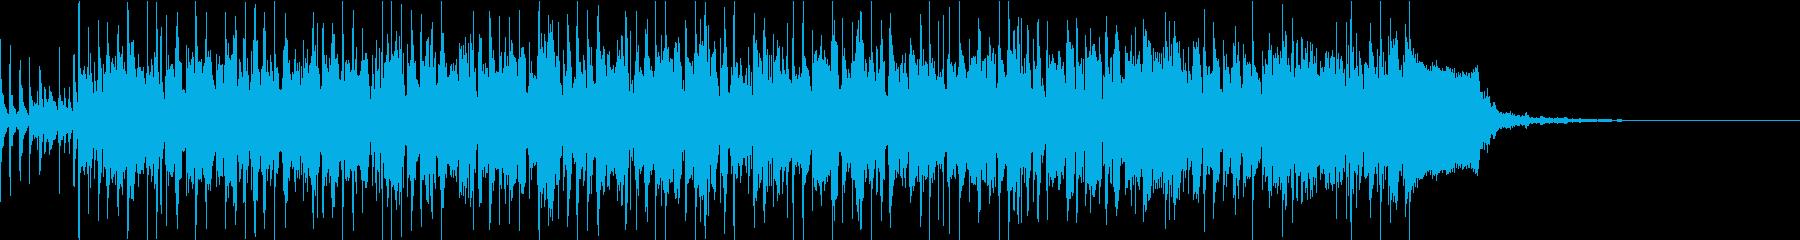 スラップベースが特徴的なロックの再生済みの波形